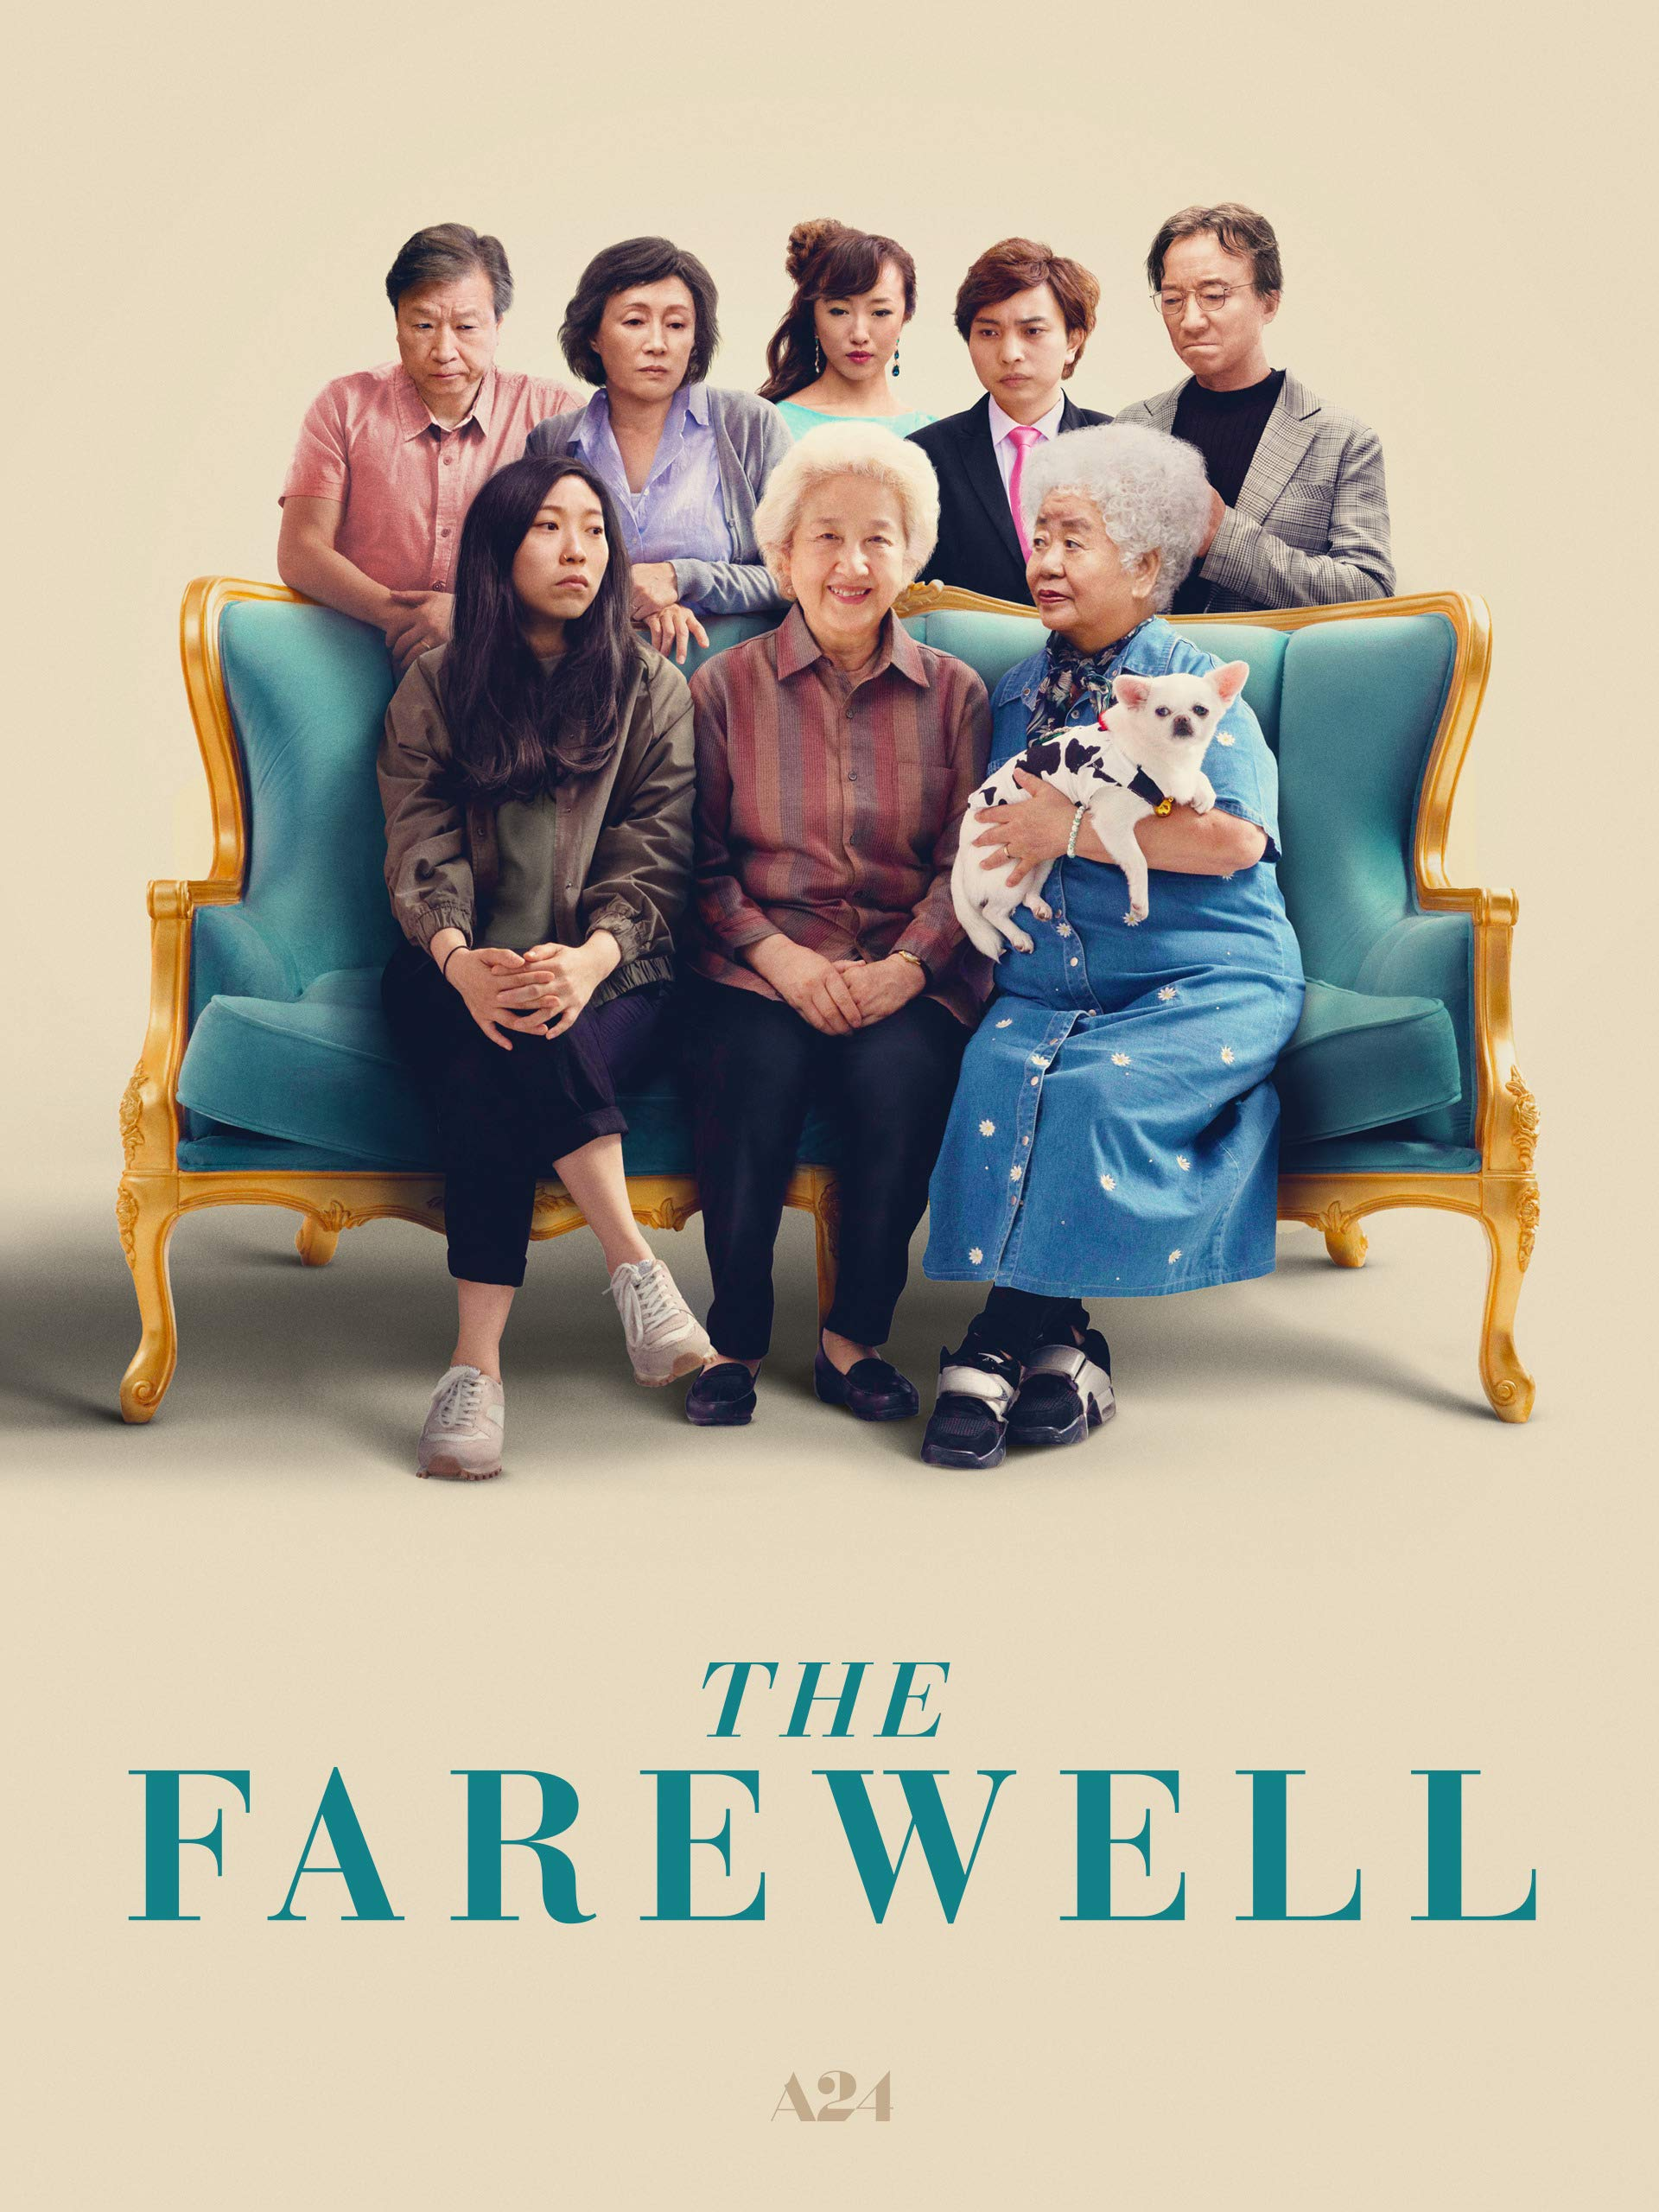 The Farewell